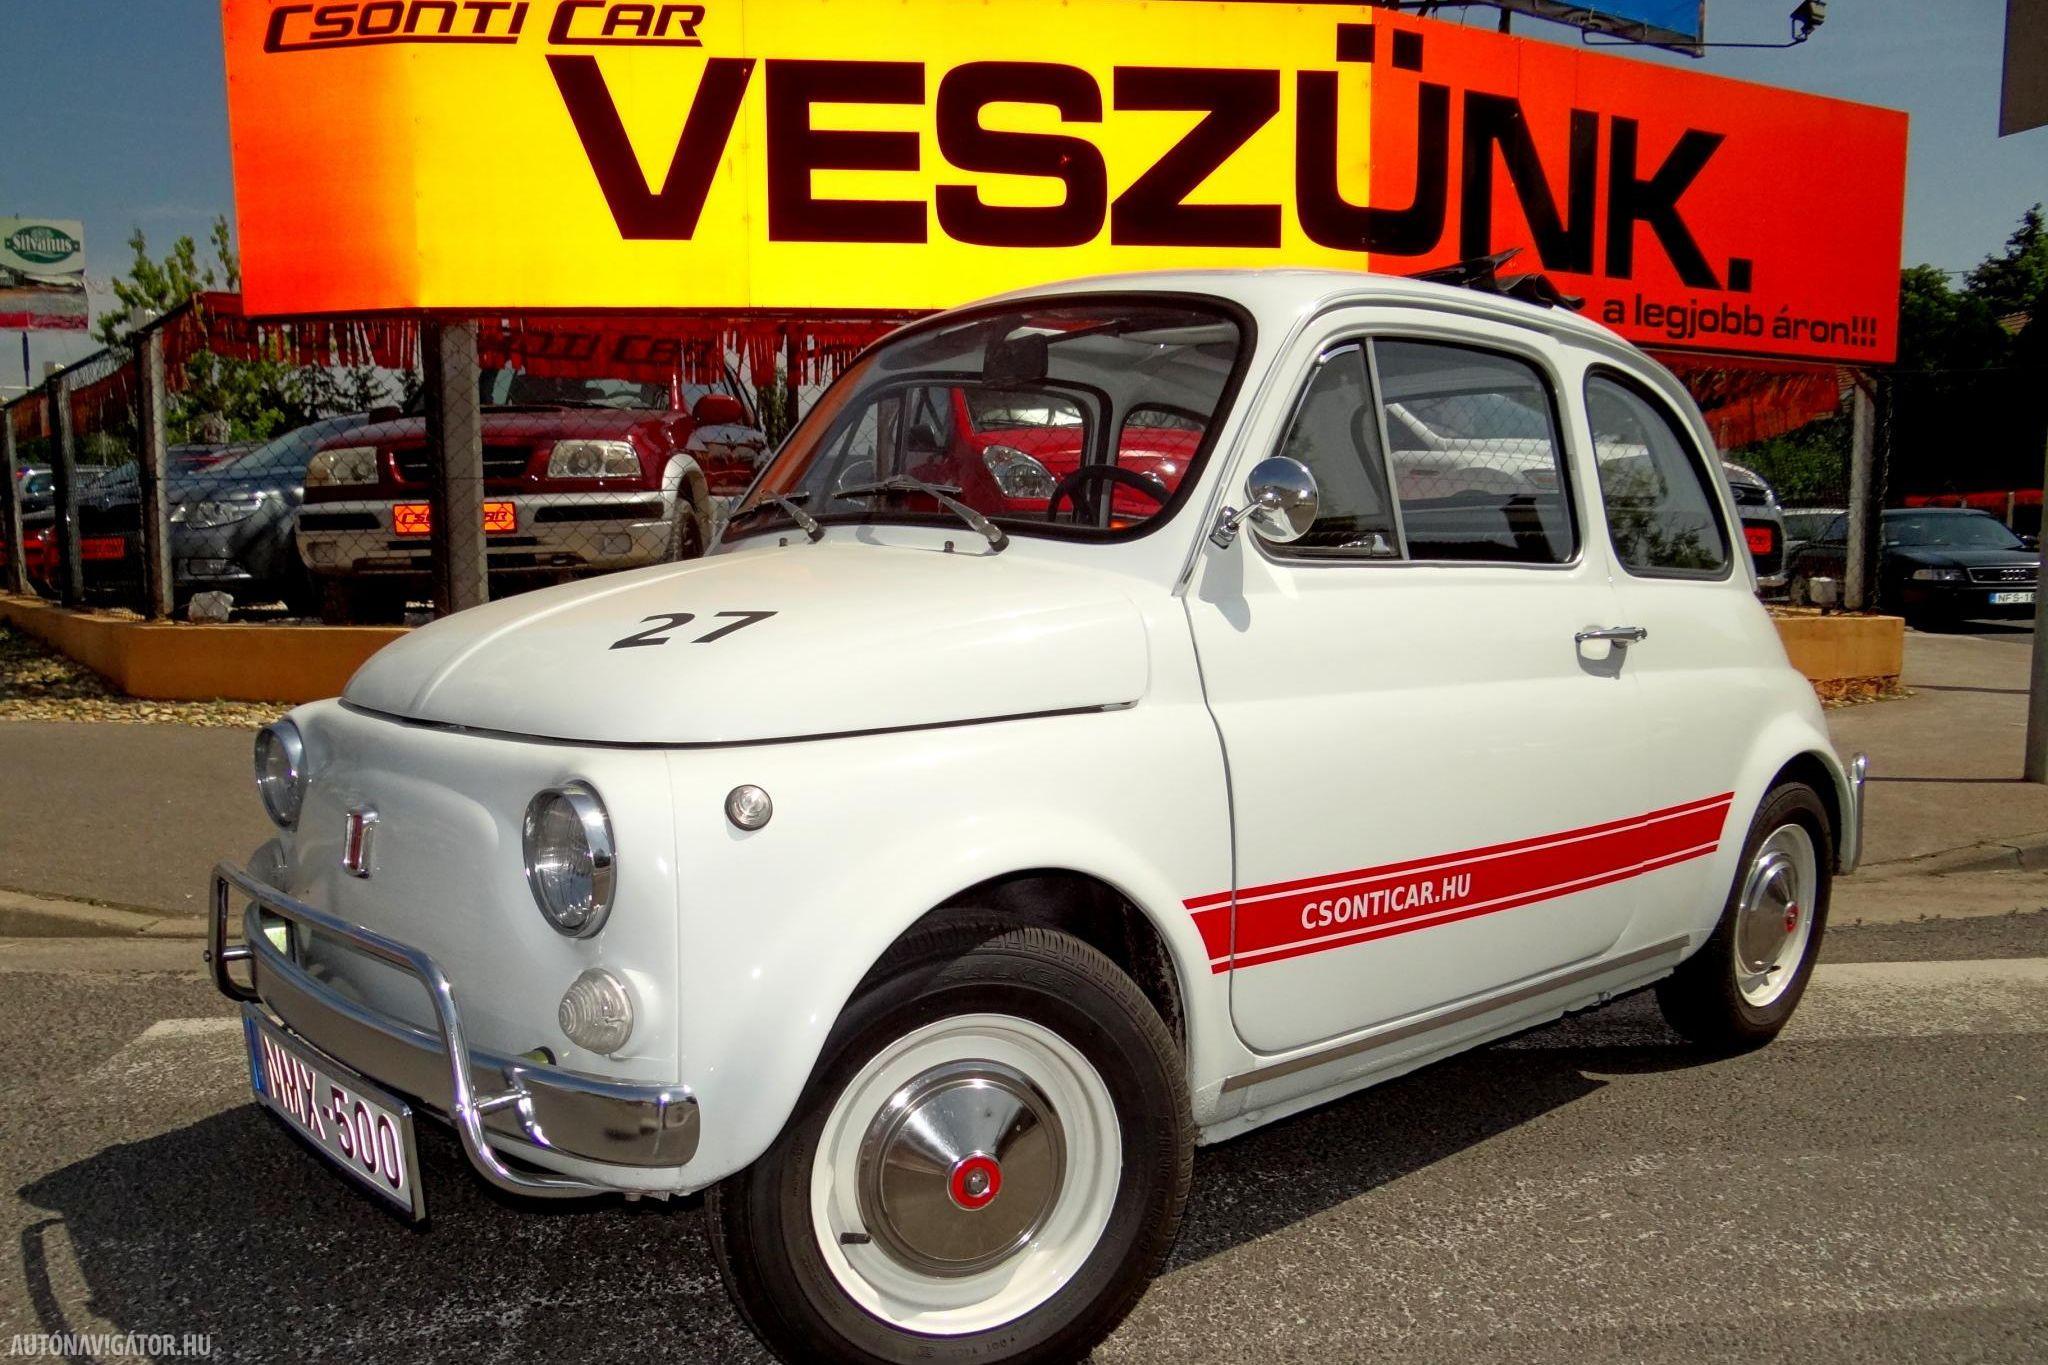 Kisautó, nagy szerelem – Csonti Fiat 500-asát próbáltuk!